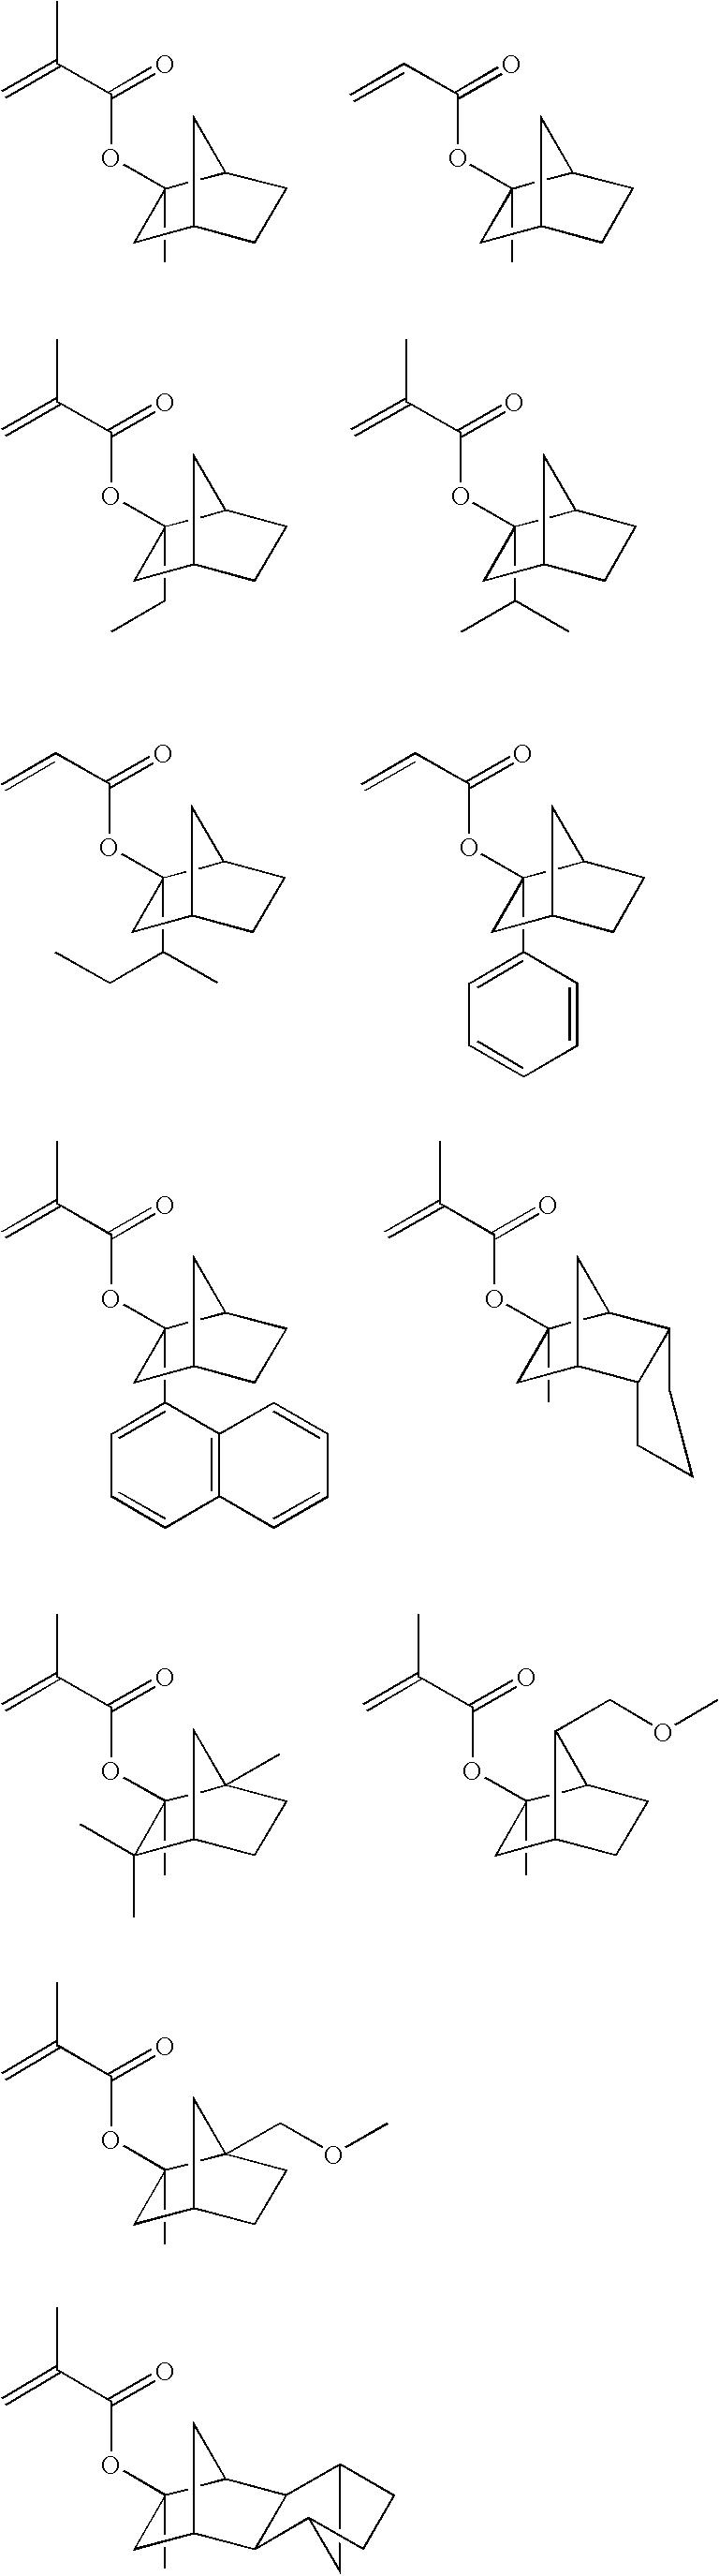 Figure US08129086-20120306-C00053